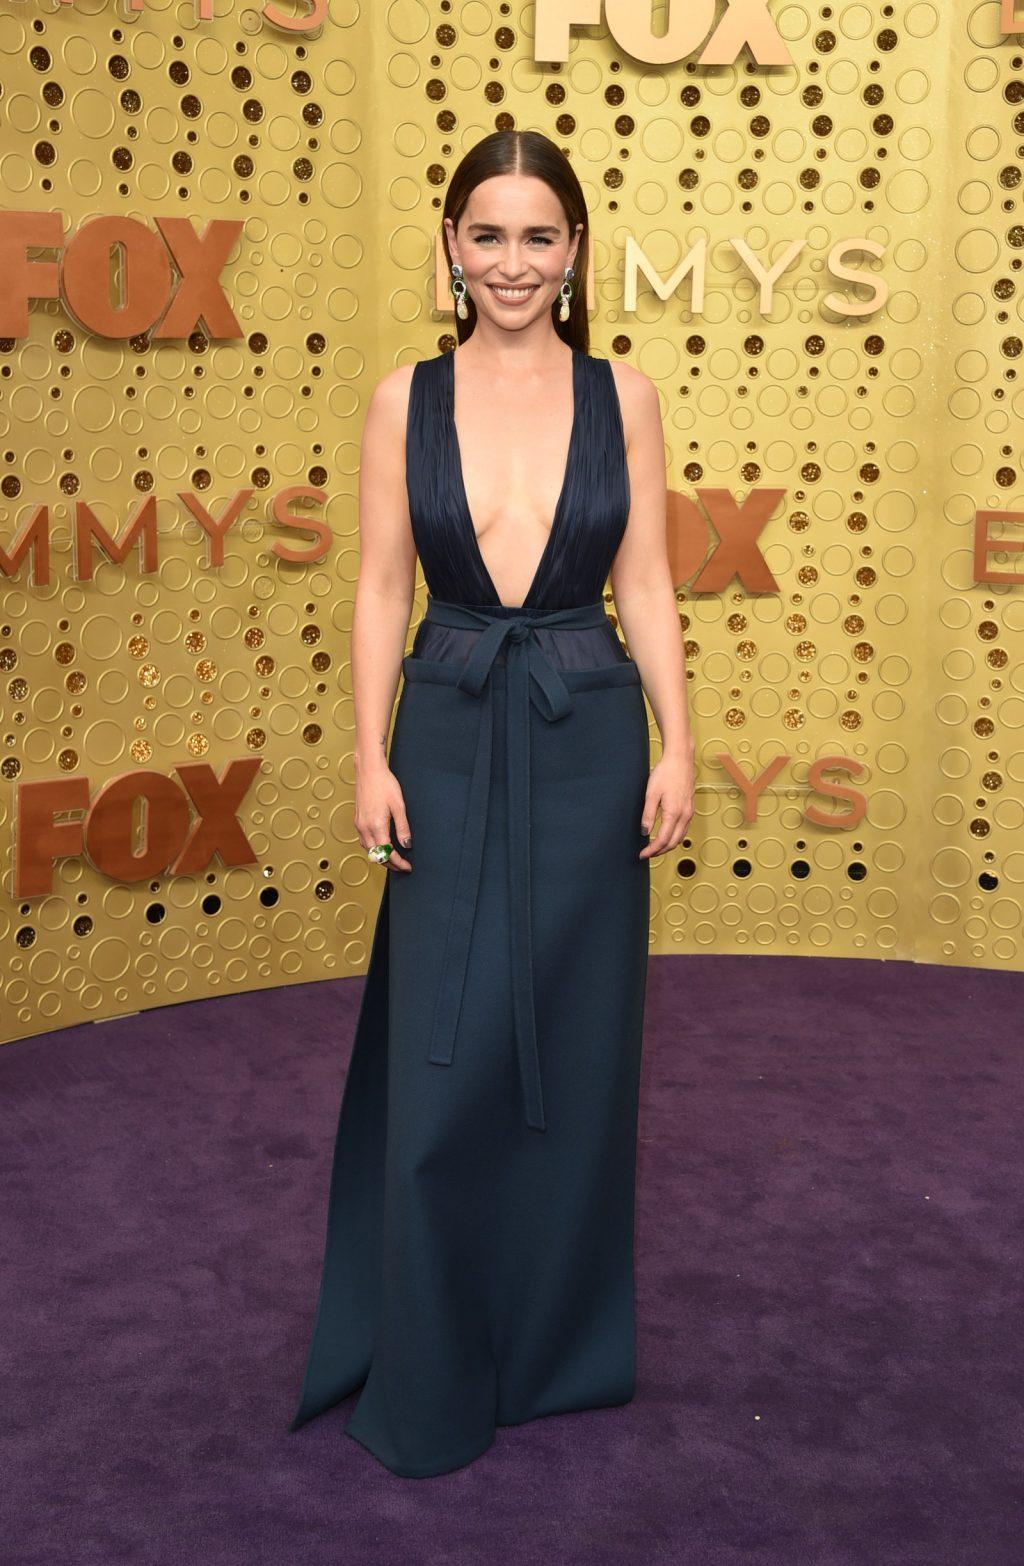 """Emilia Clarke, nữ diễn viên nằm trong danh sách 10 sao nữ được trả cát-xê cao nhất Hollywood. """"Mẹ Rồng"""" Game of Thrones xuất hiện trong chiếc đầm đen thanh lịch từ thương hiệu Valentino trên thảm đỏ lễ trao giải emmy 2019"""